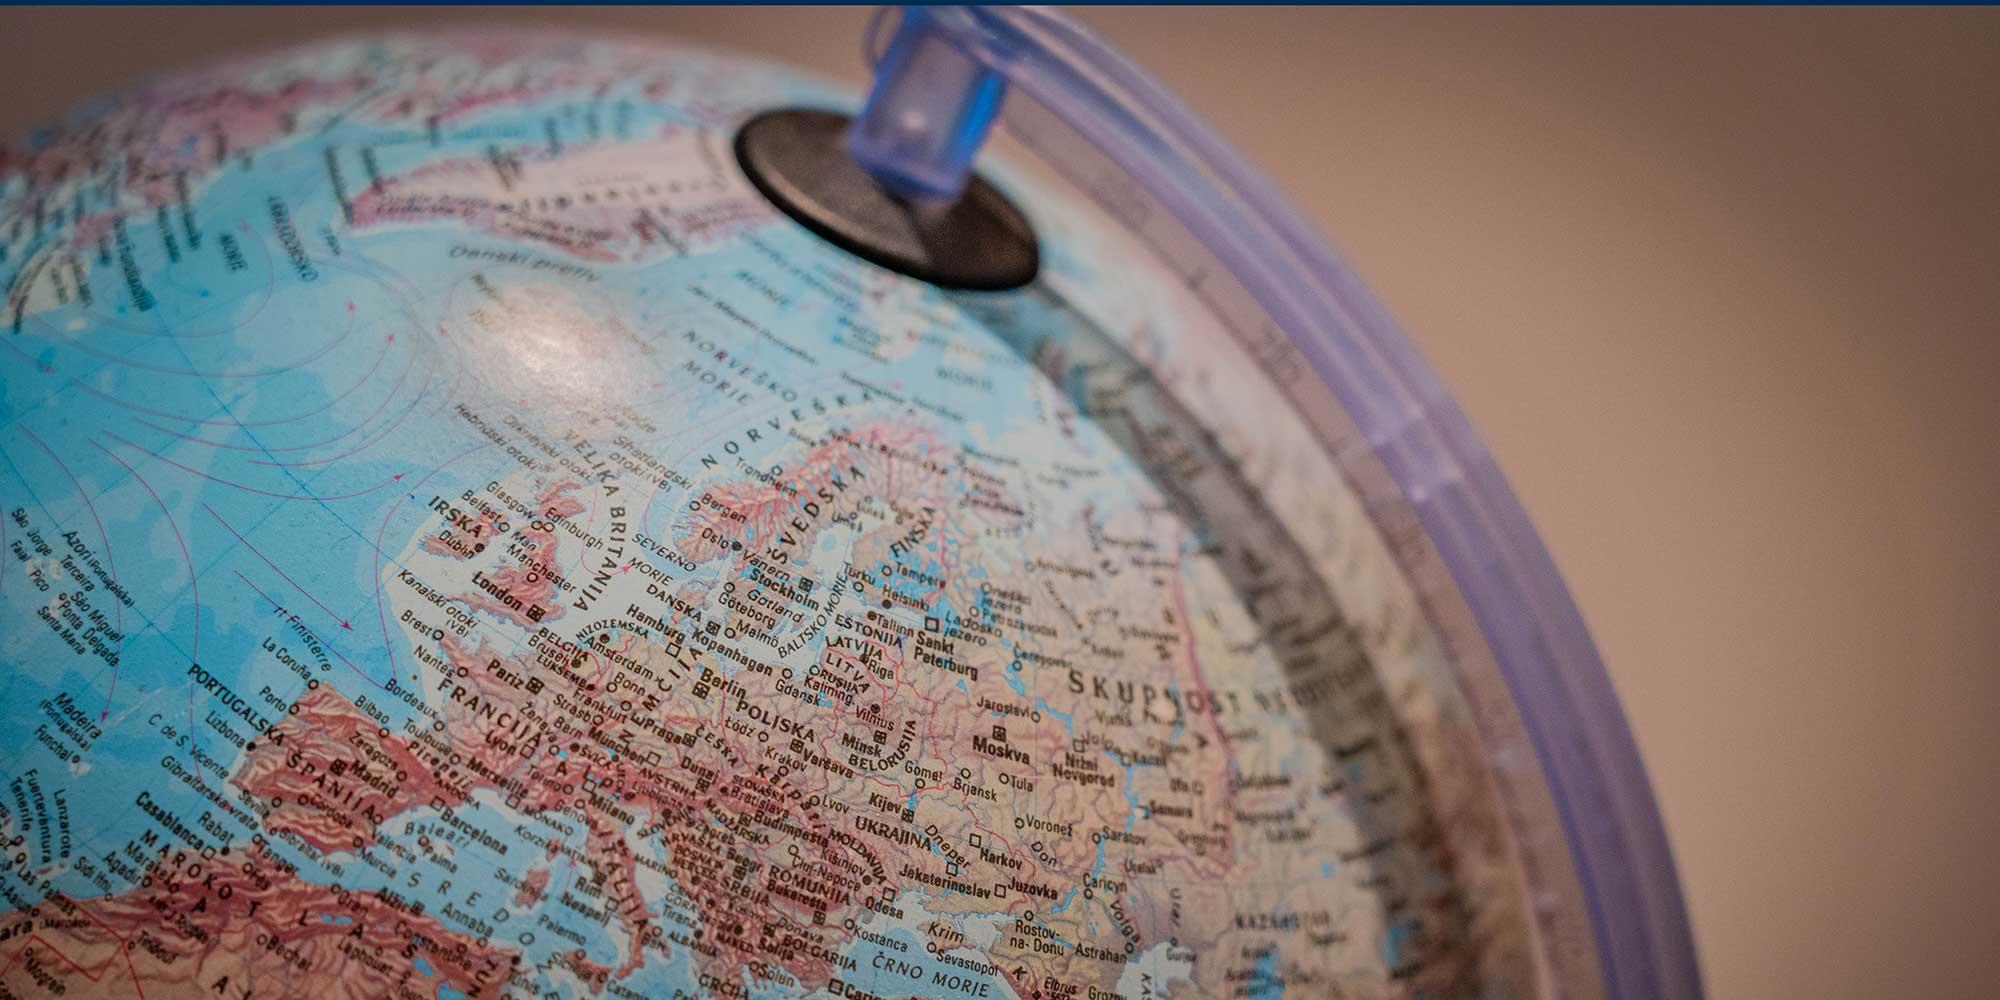 maillage geographique france agences lyon bordeaux nantes